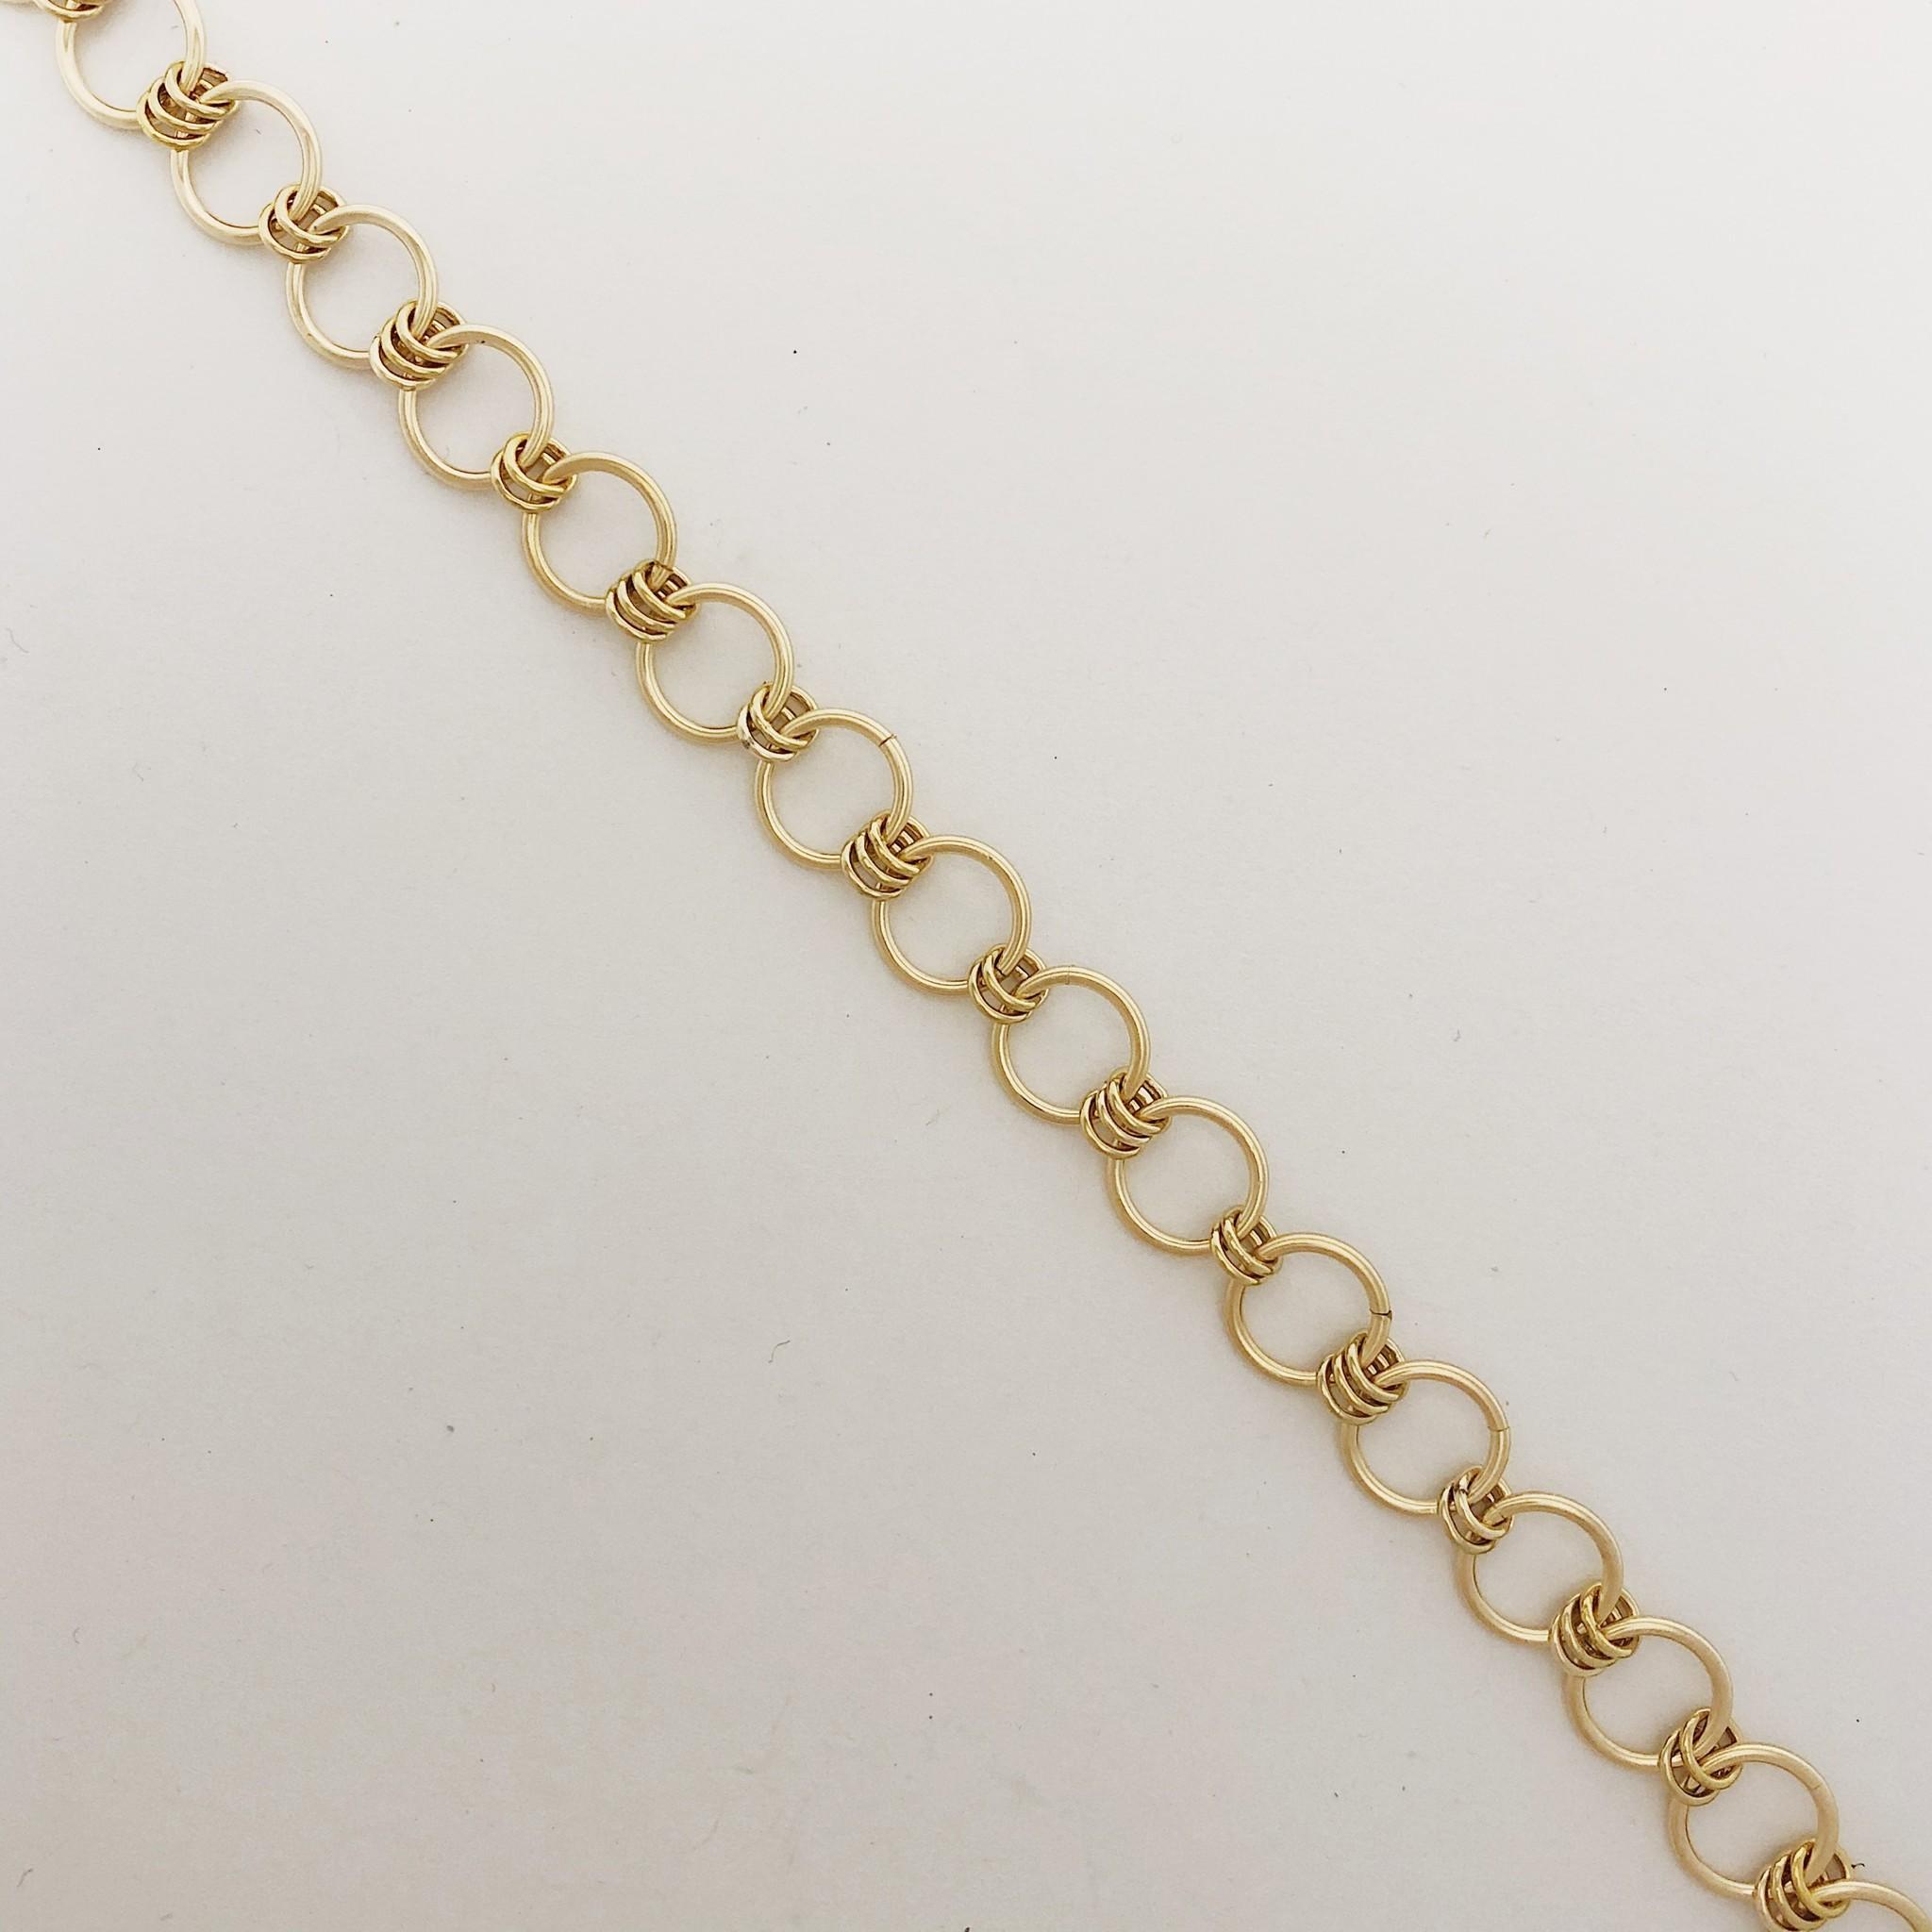 Dianne Rodger Gold Link Bracelet